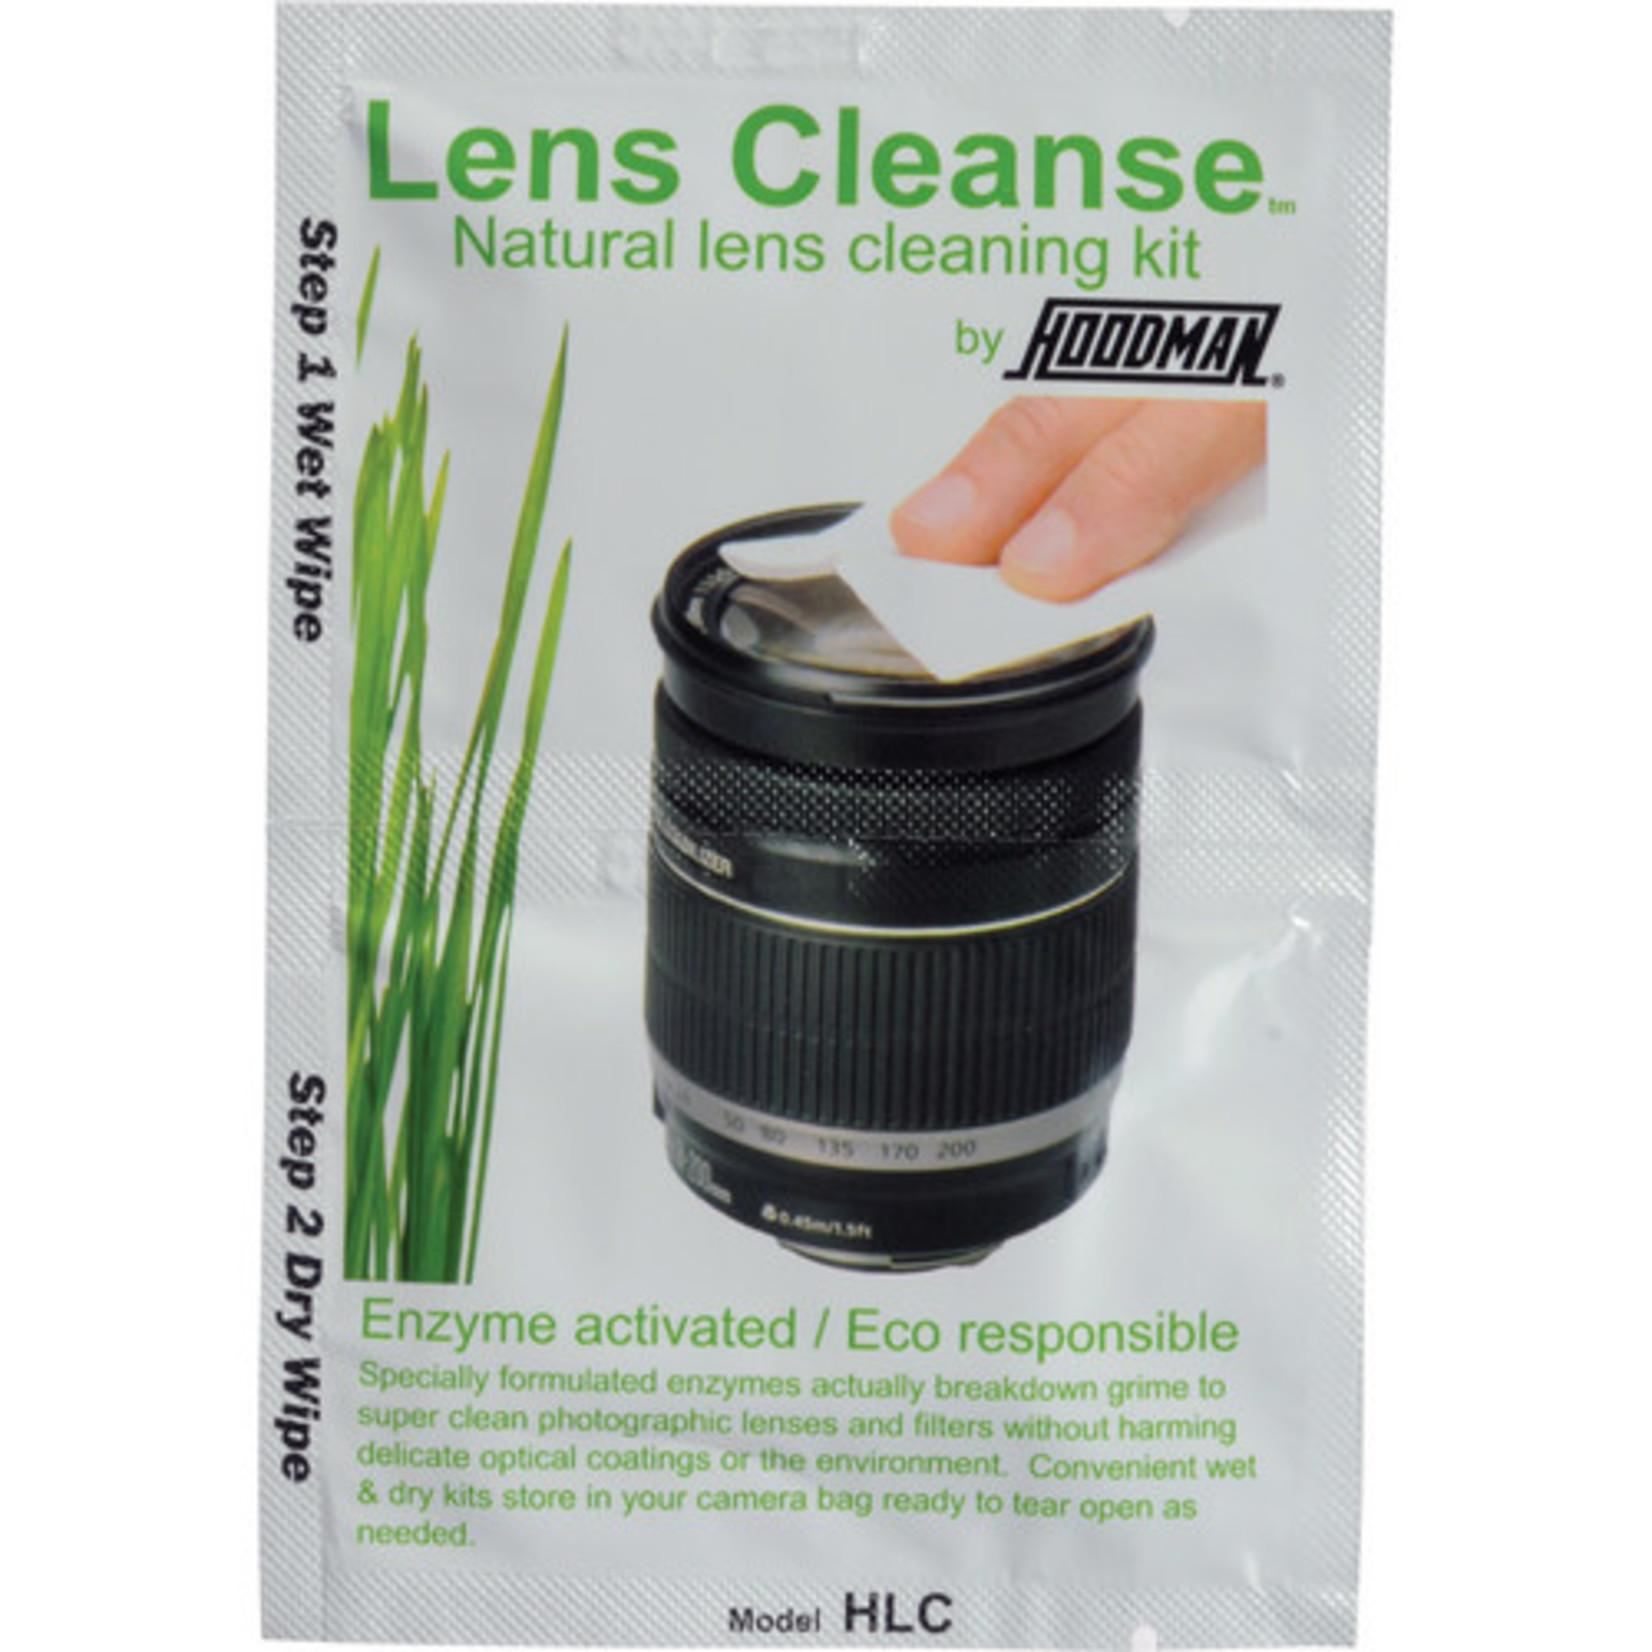 Hoodman Hoodman Lens Cleanse Natural Lens Cleaning Kit (12 Pack)